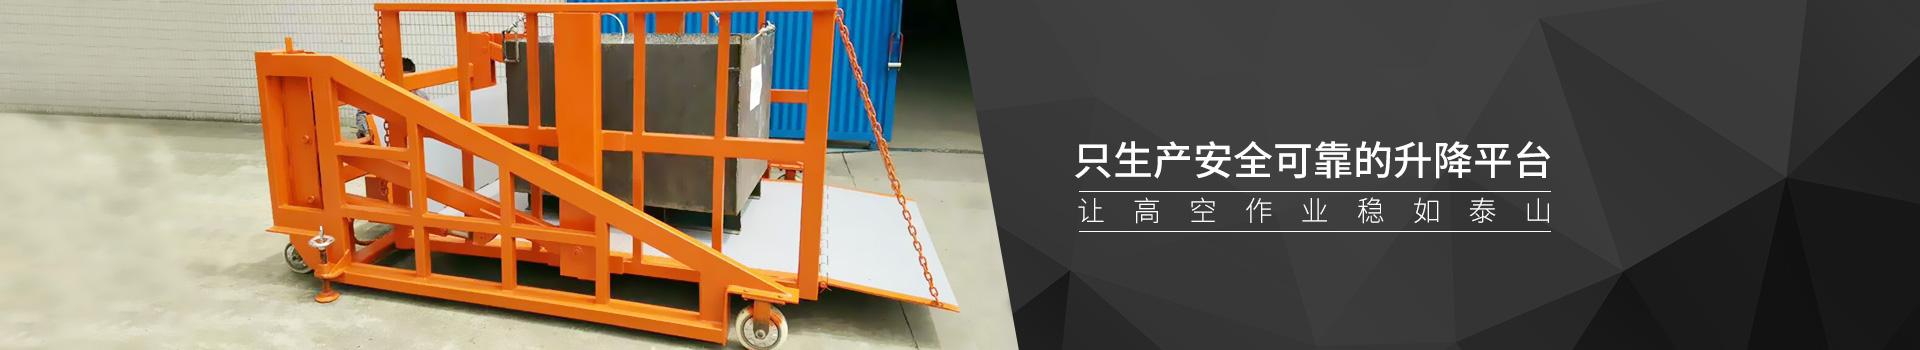 威麟勤力只生产安全可靠的升降平台,让高空作业稳如泰山